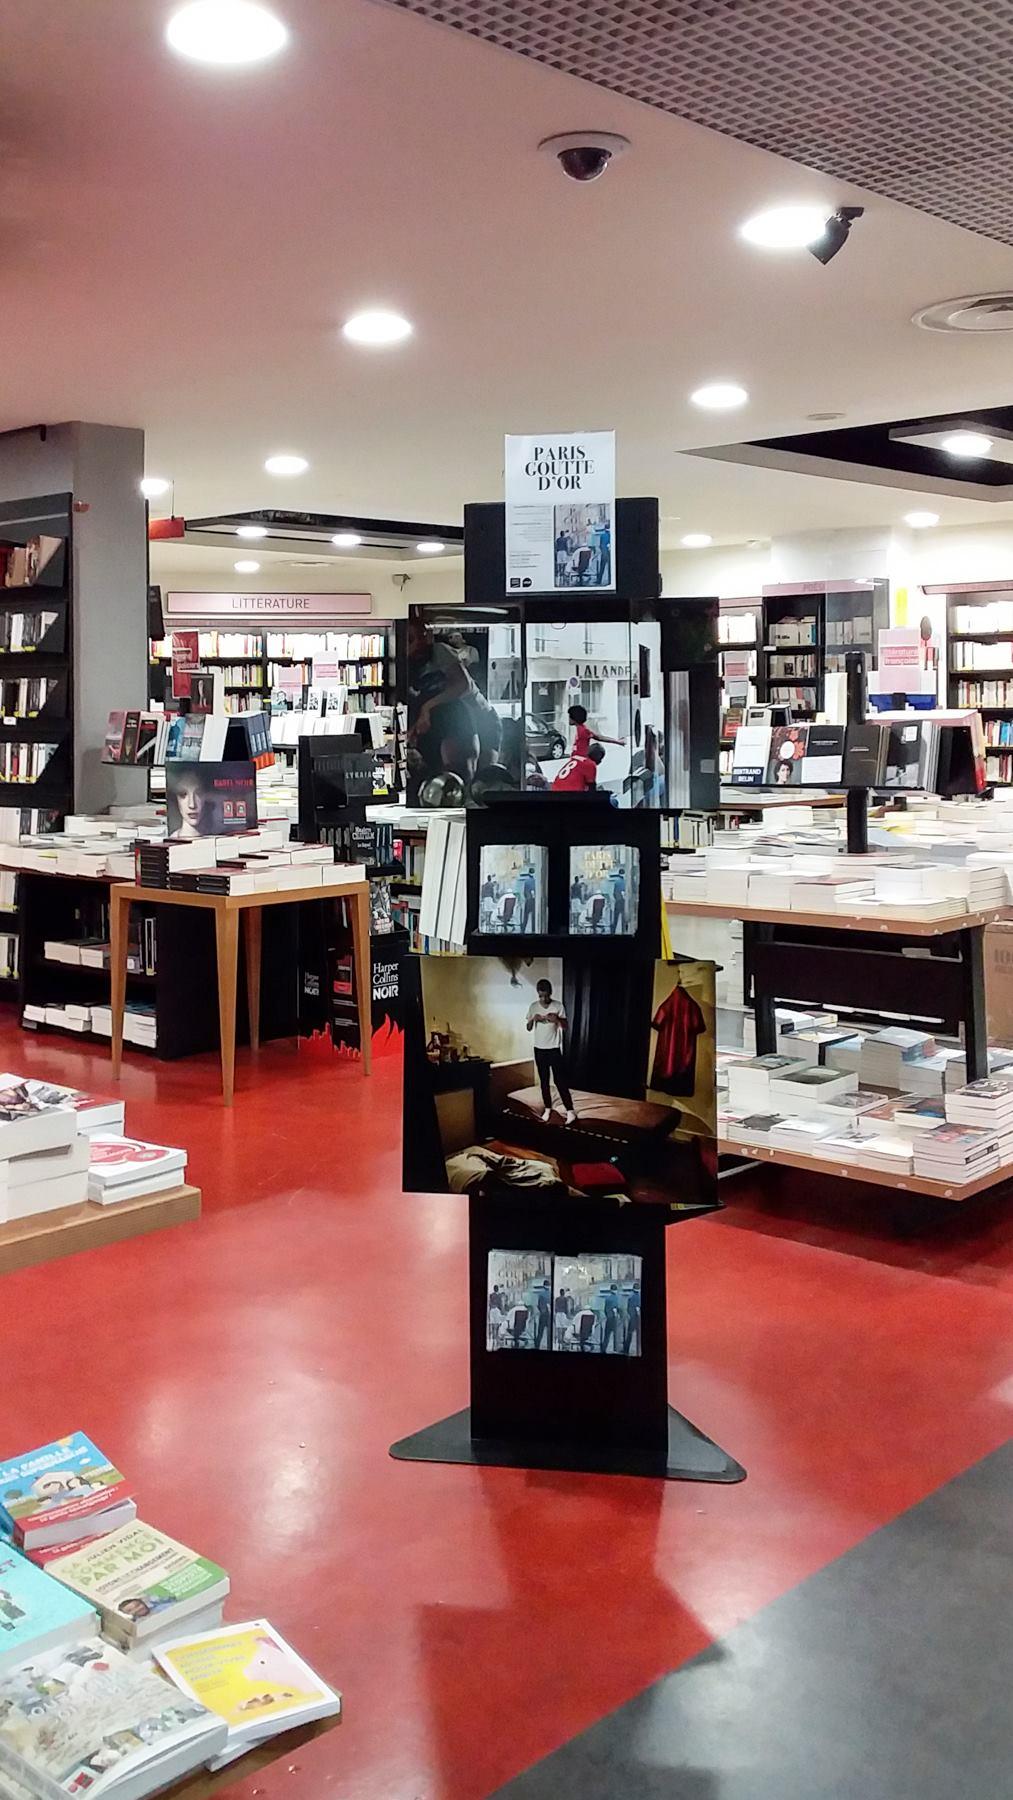 Exhibition at the Gibert Joseph Barbès bookshop. - Paris